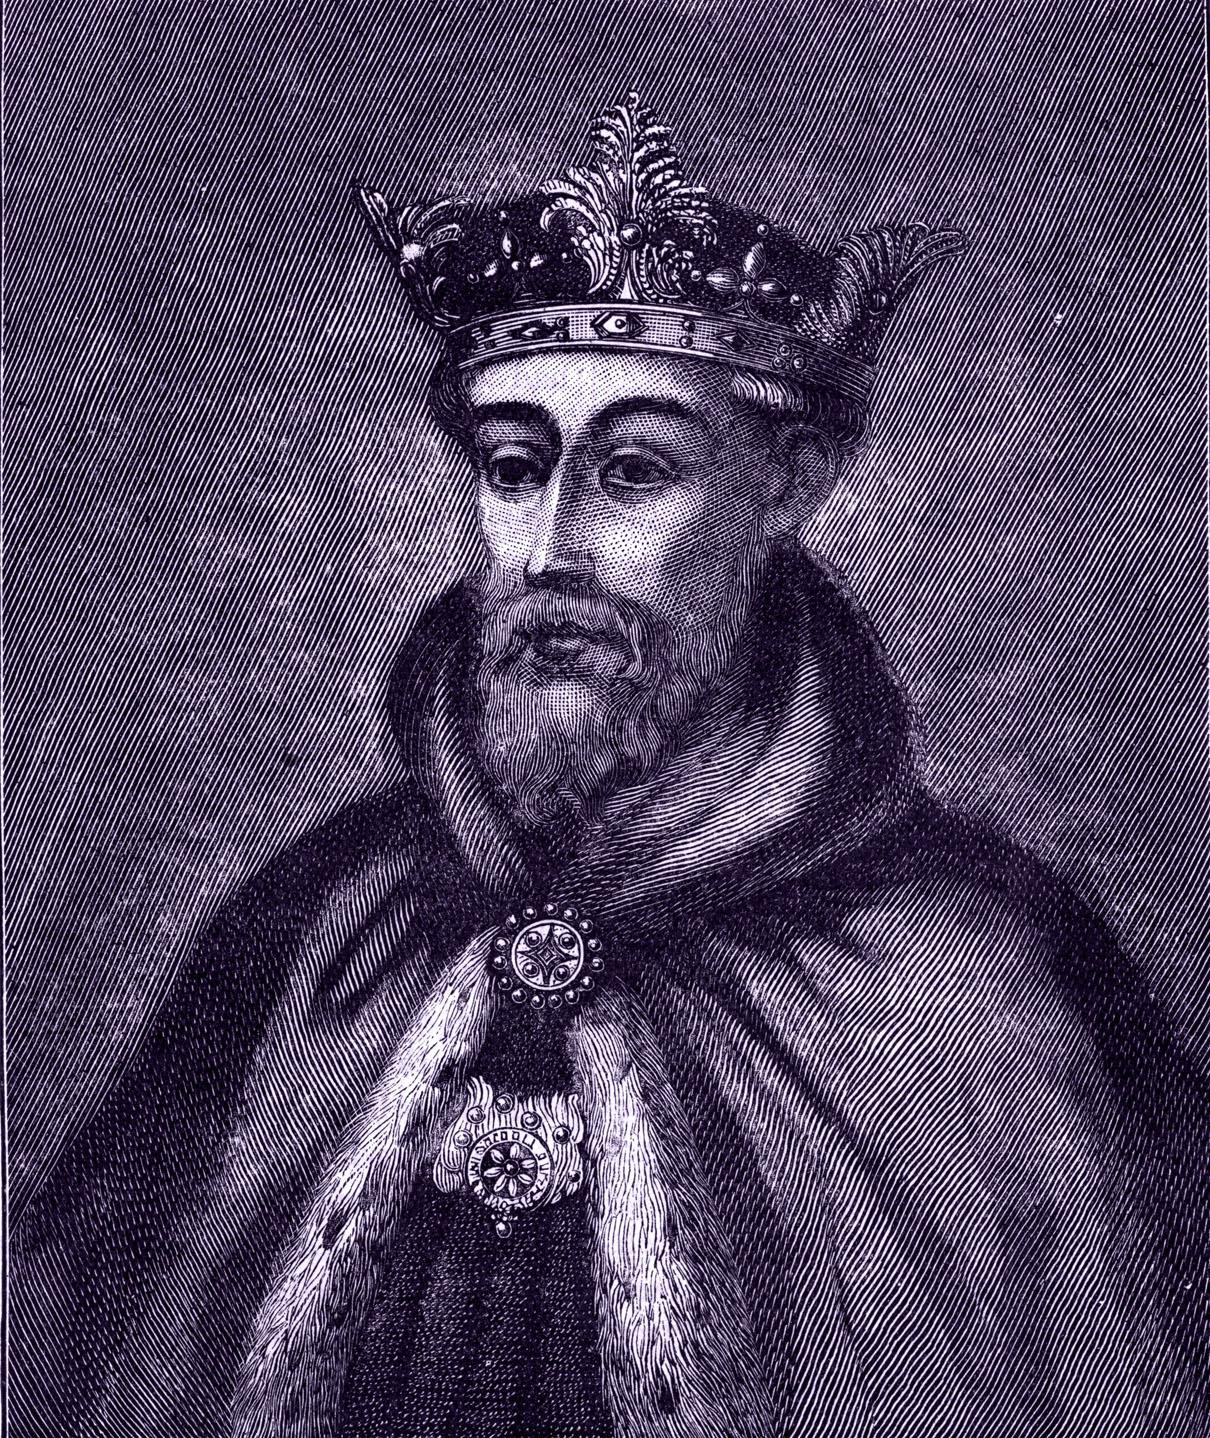 A portrait of John of Gaunt, 1st Duke of Lancaster.